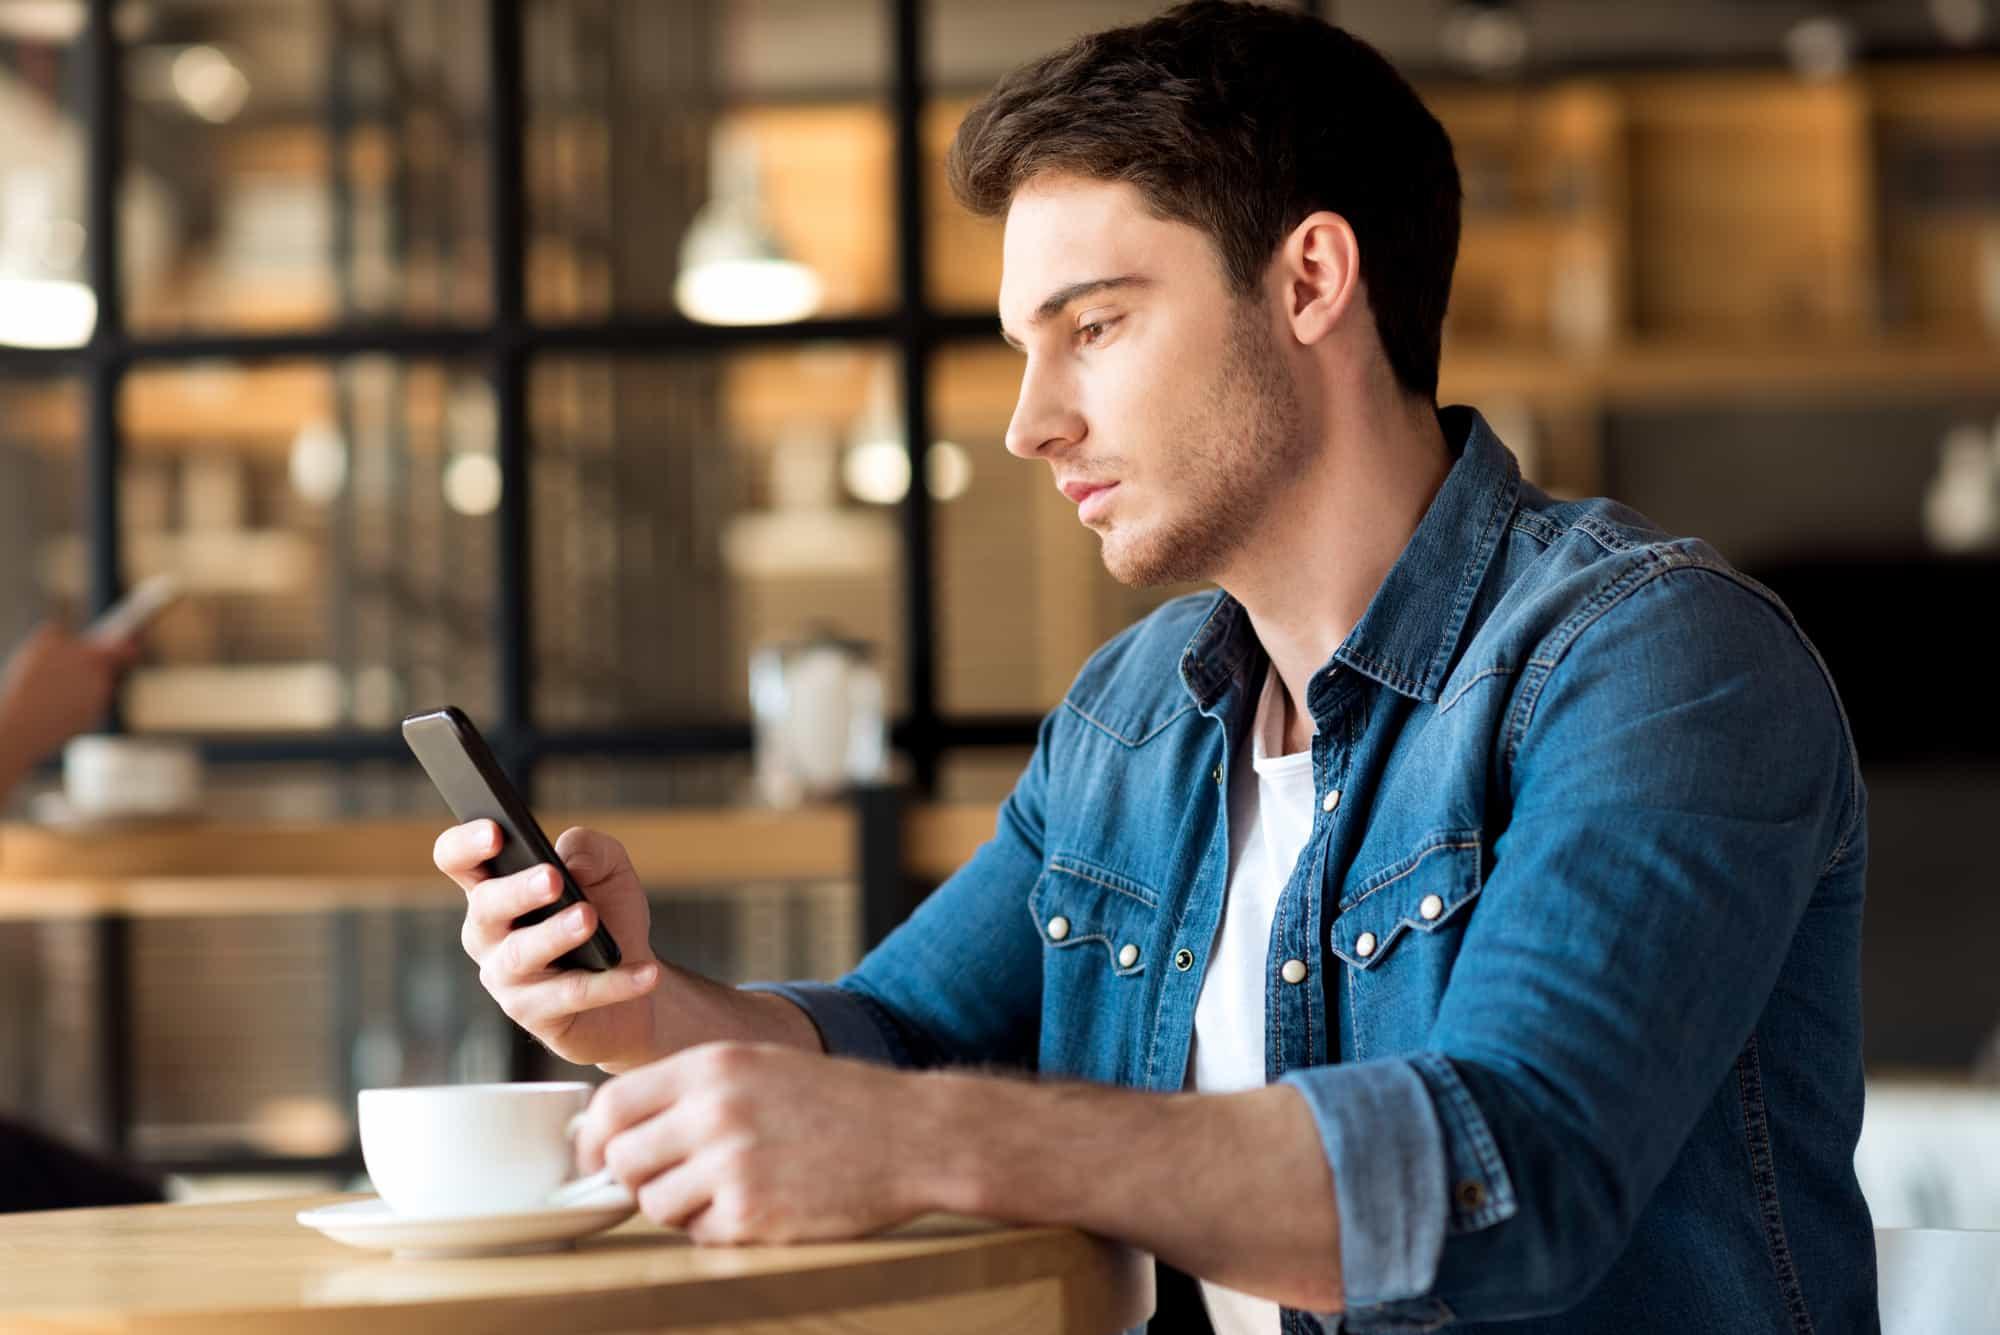 Why My Ex Boyfriend Unfriended Me On Facebook? - 10